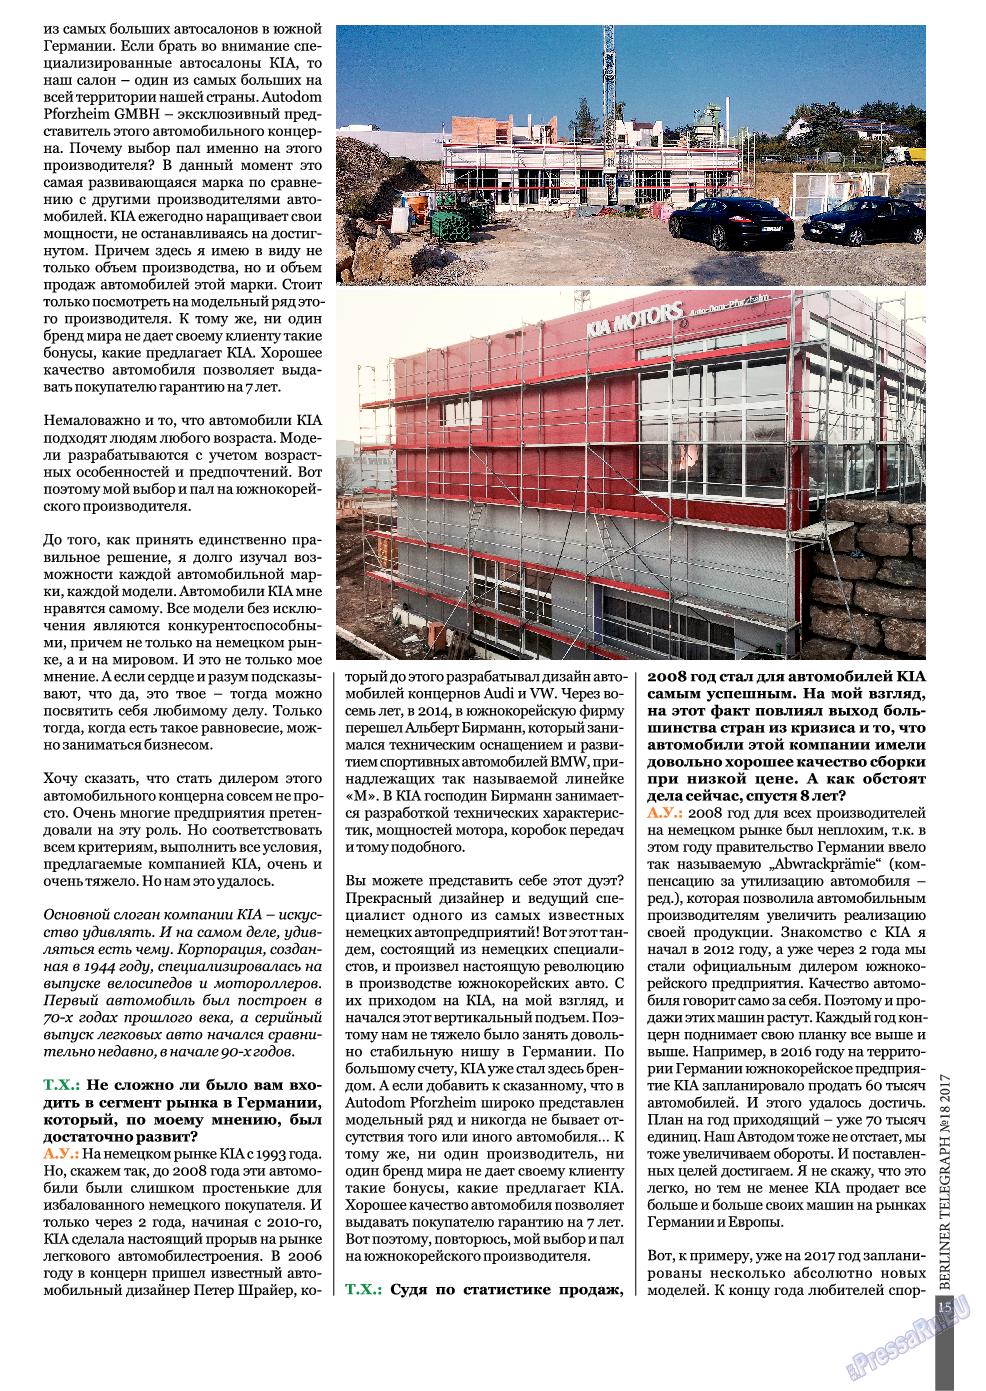 Берлинский телеграф (журнал). 2017 год, номер 18, стр. 15